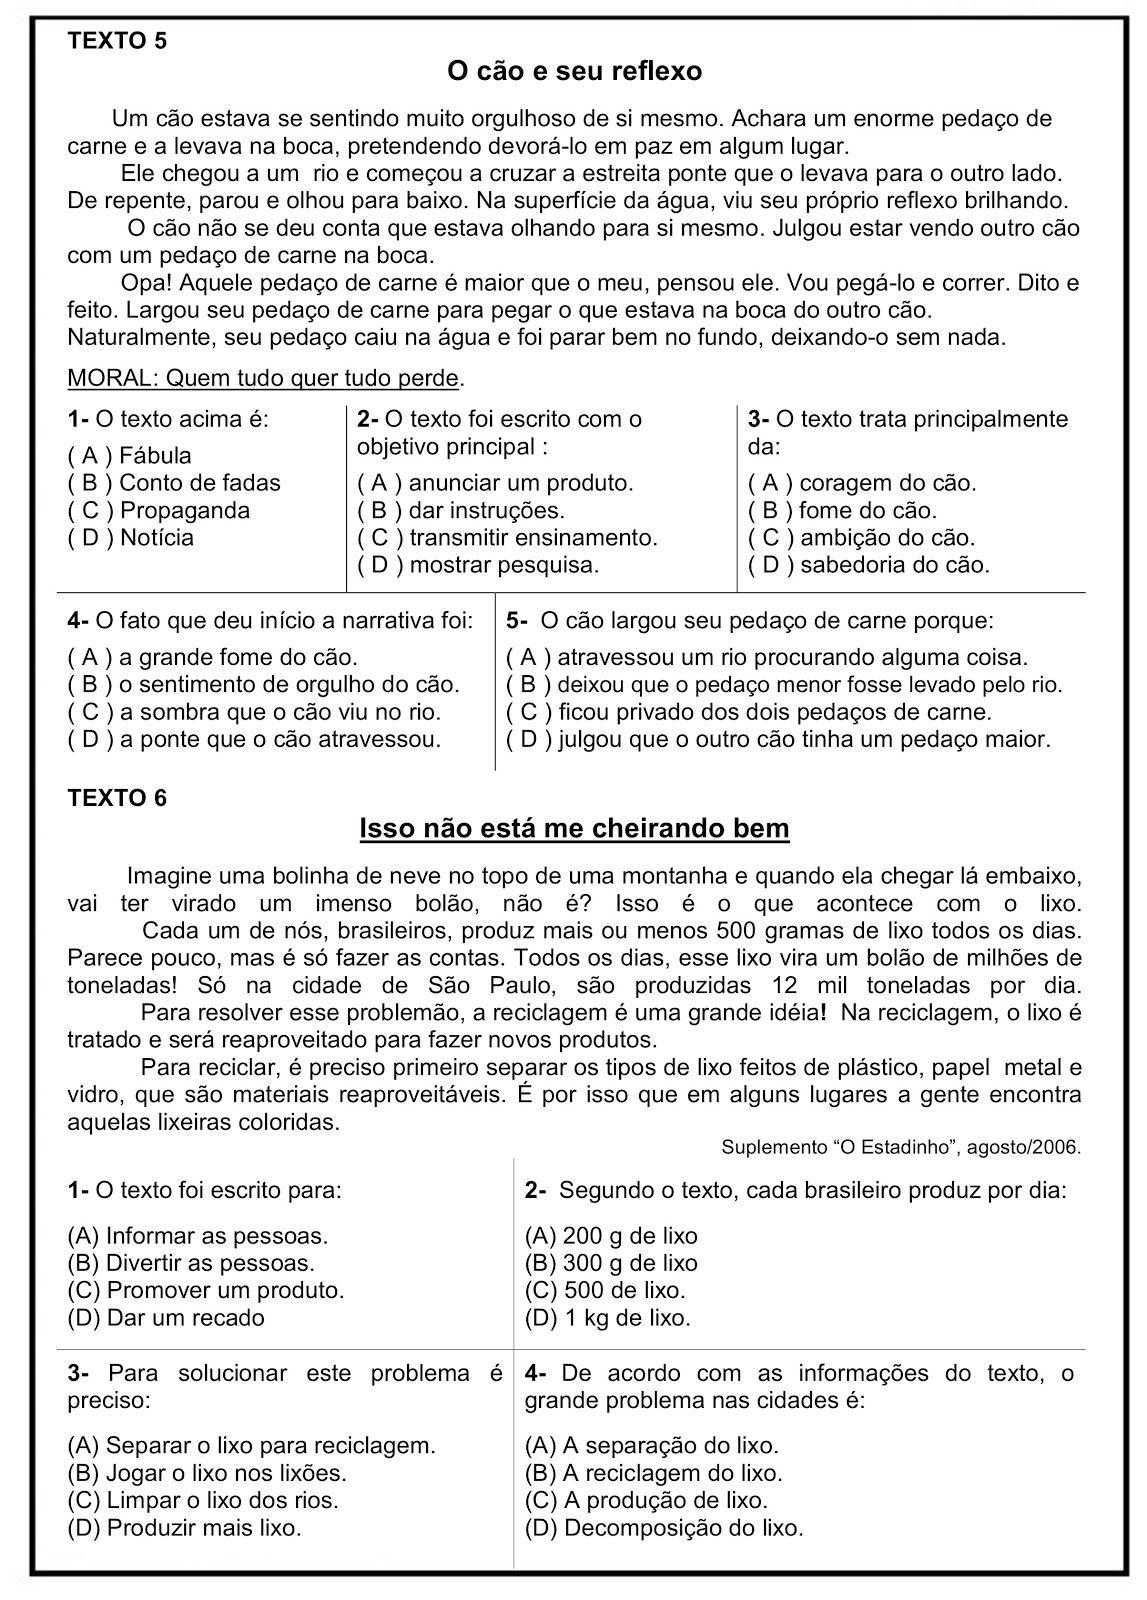 Pin De Malisi Em Atividades Escolares Atividades De Gramatica